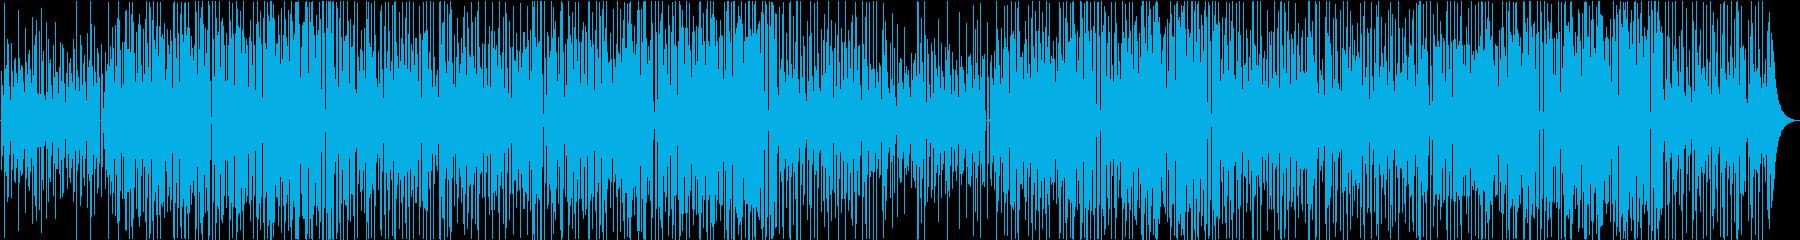 かわいい 明るい 日常系ポップスの再生済みの波形